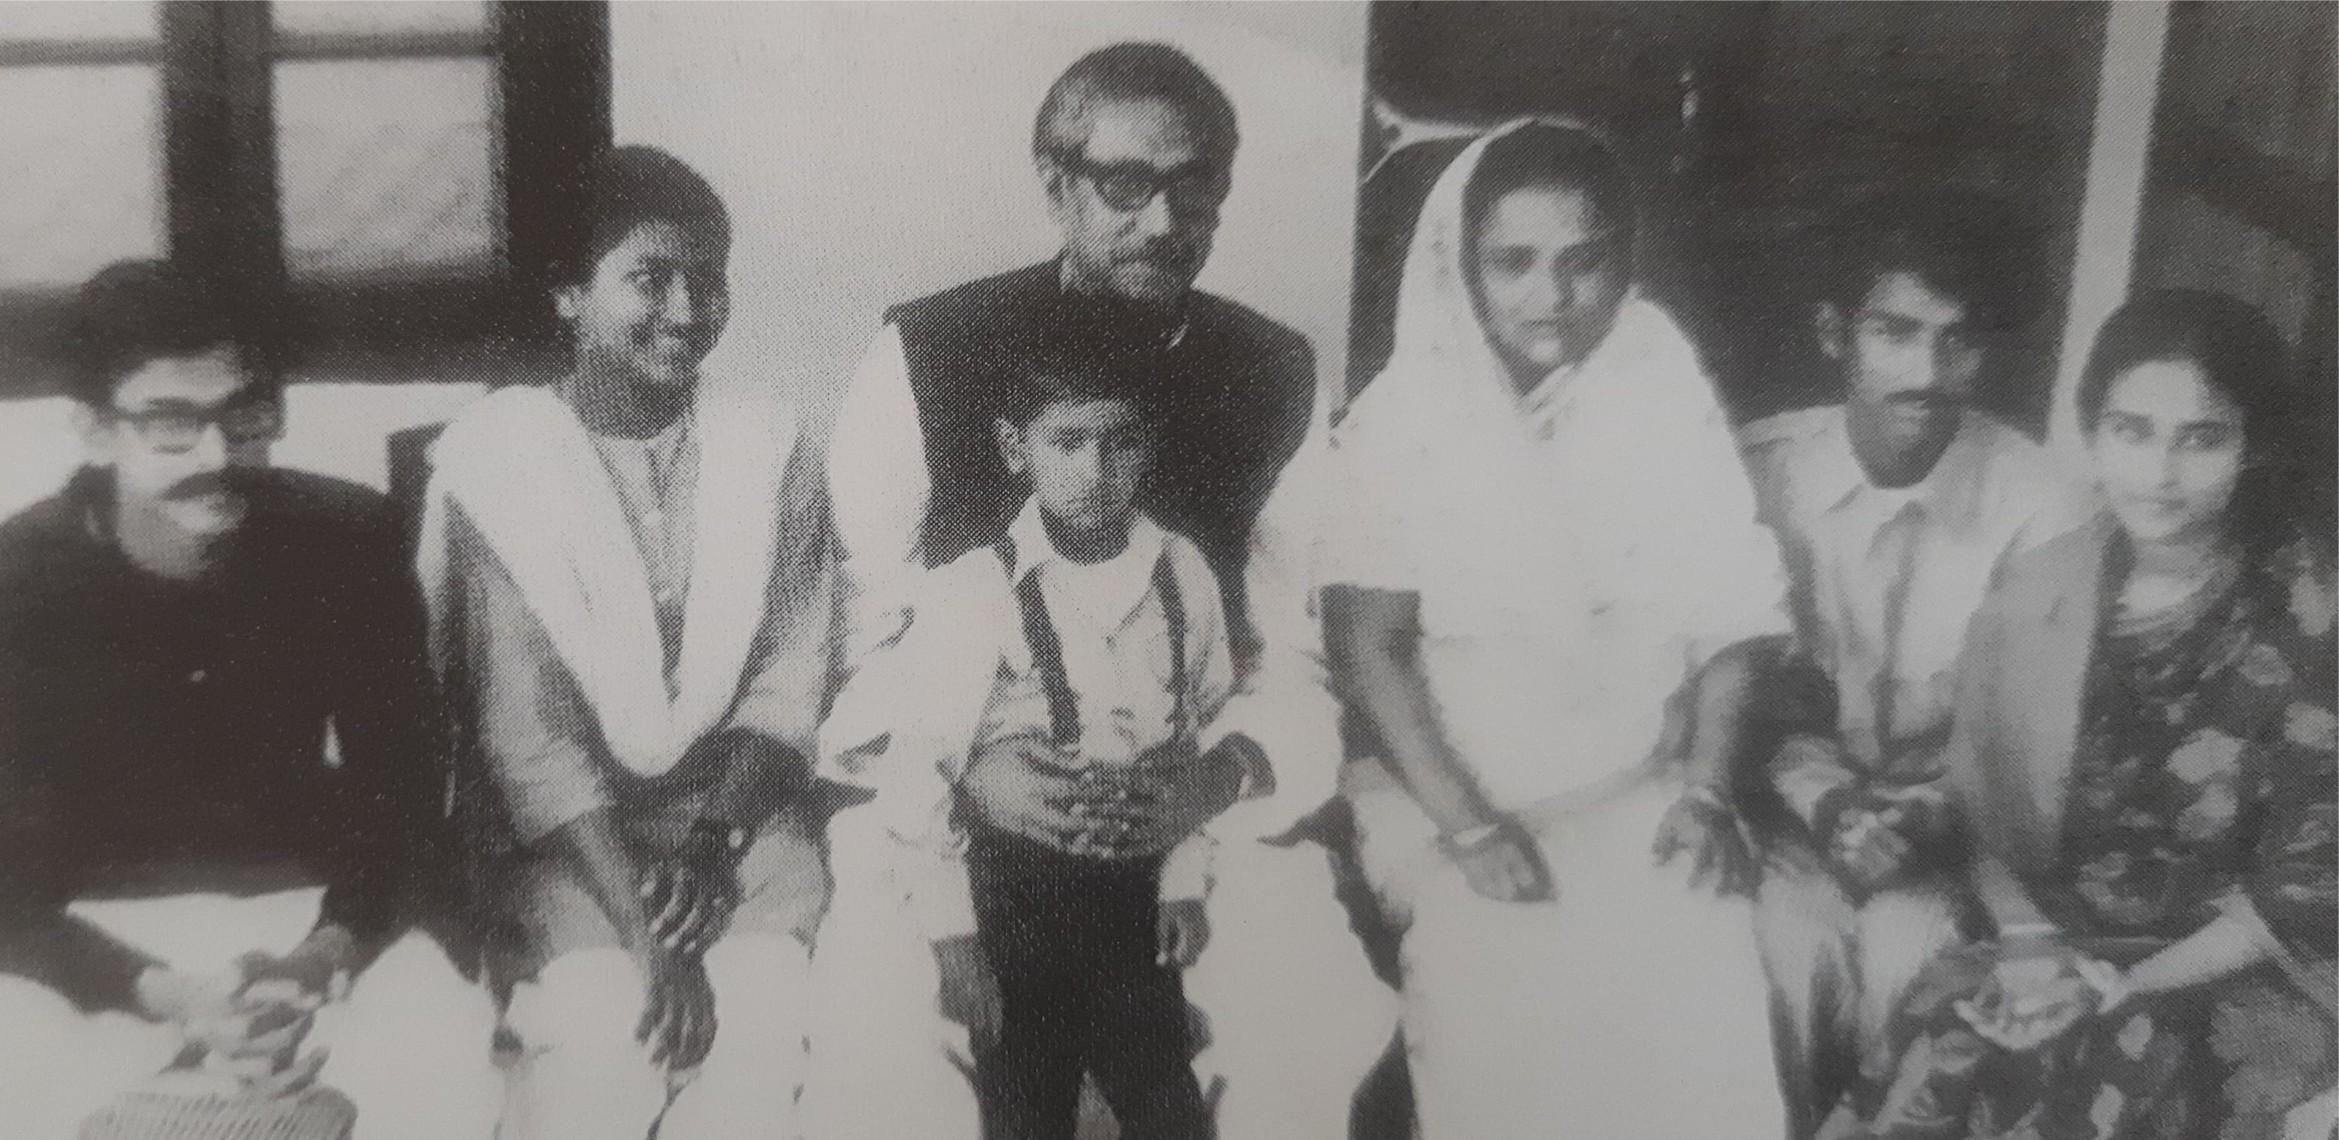 সপরিবারে বঙ্গবন্ধু শেখ মুজিবুর রহমান